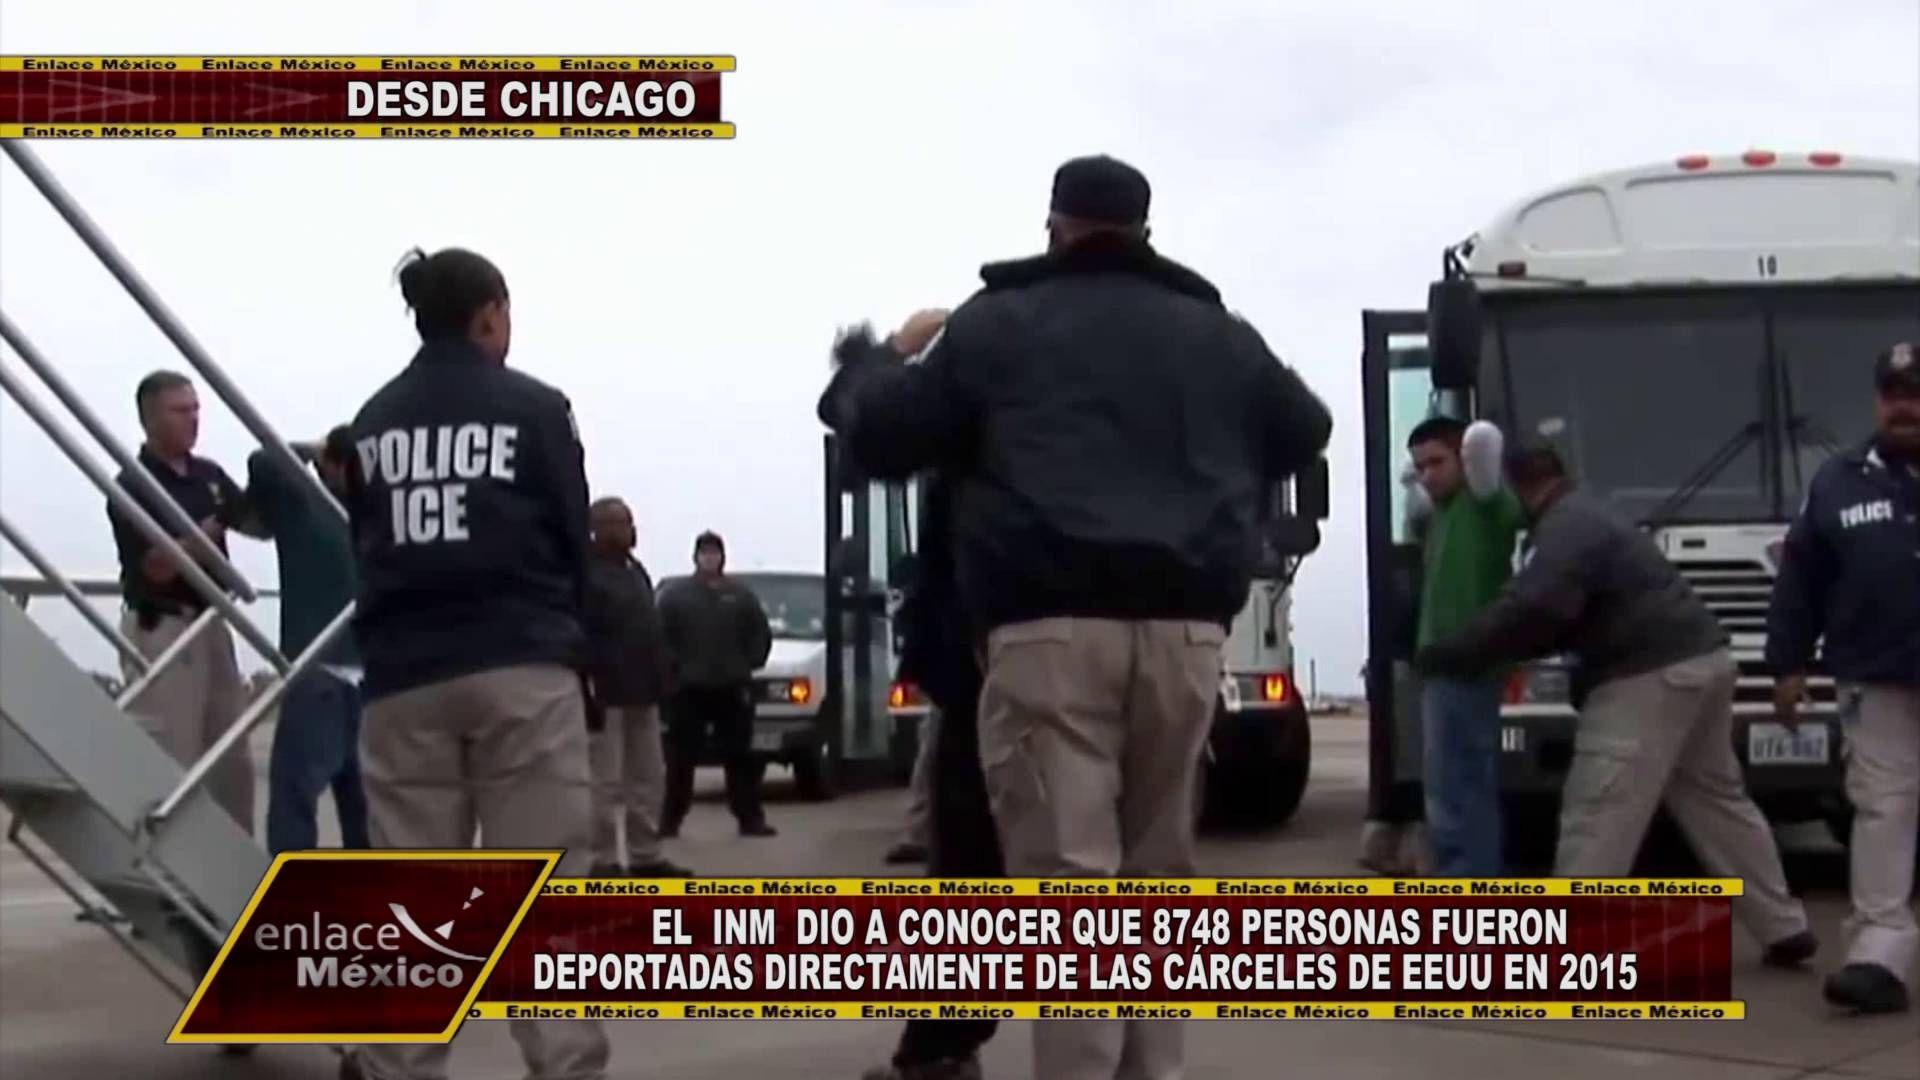 MÁS DE 55 MIL MEXICANOS DEPORTADOS DE EE.UU. EN 2015